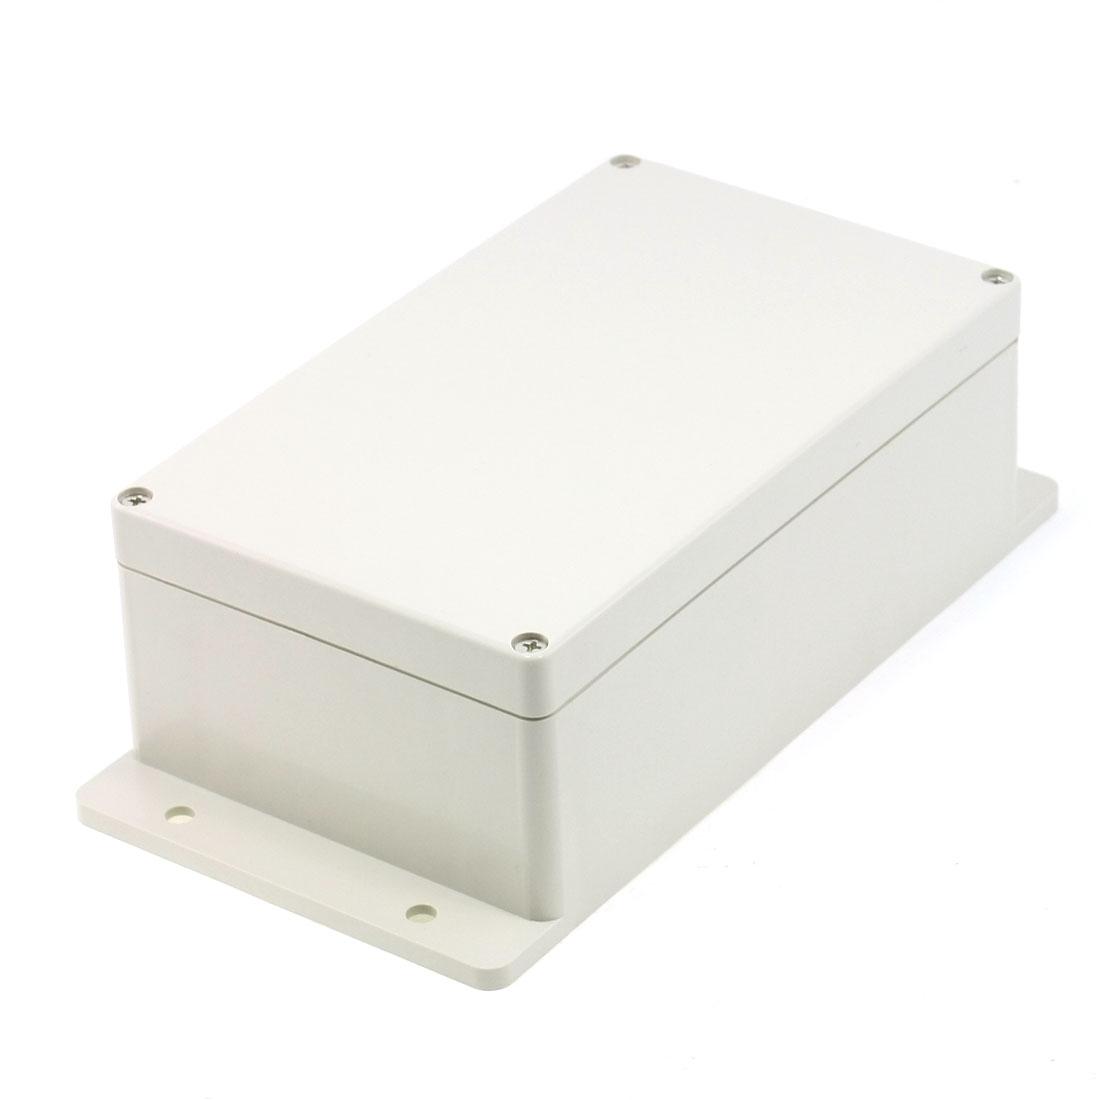 200x121x75mm-Caso-Custodia-Plastica-Impermeabile-Elettrico-Scatola-Giunzione-DIY